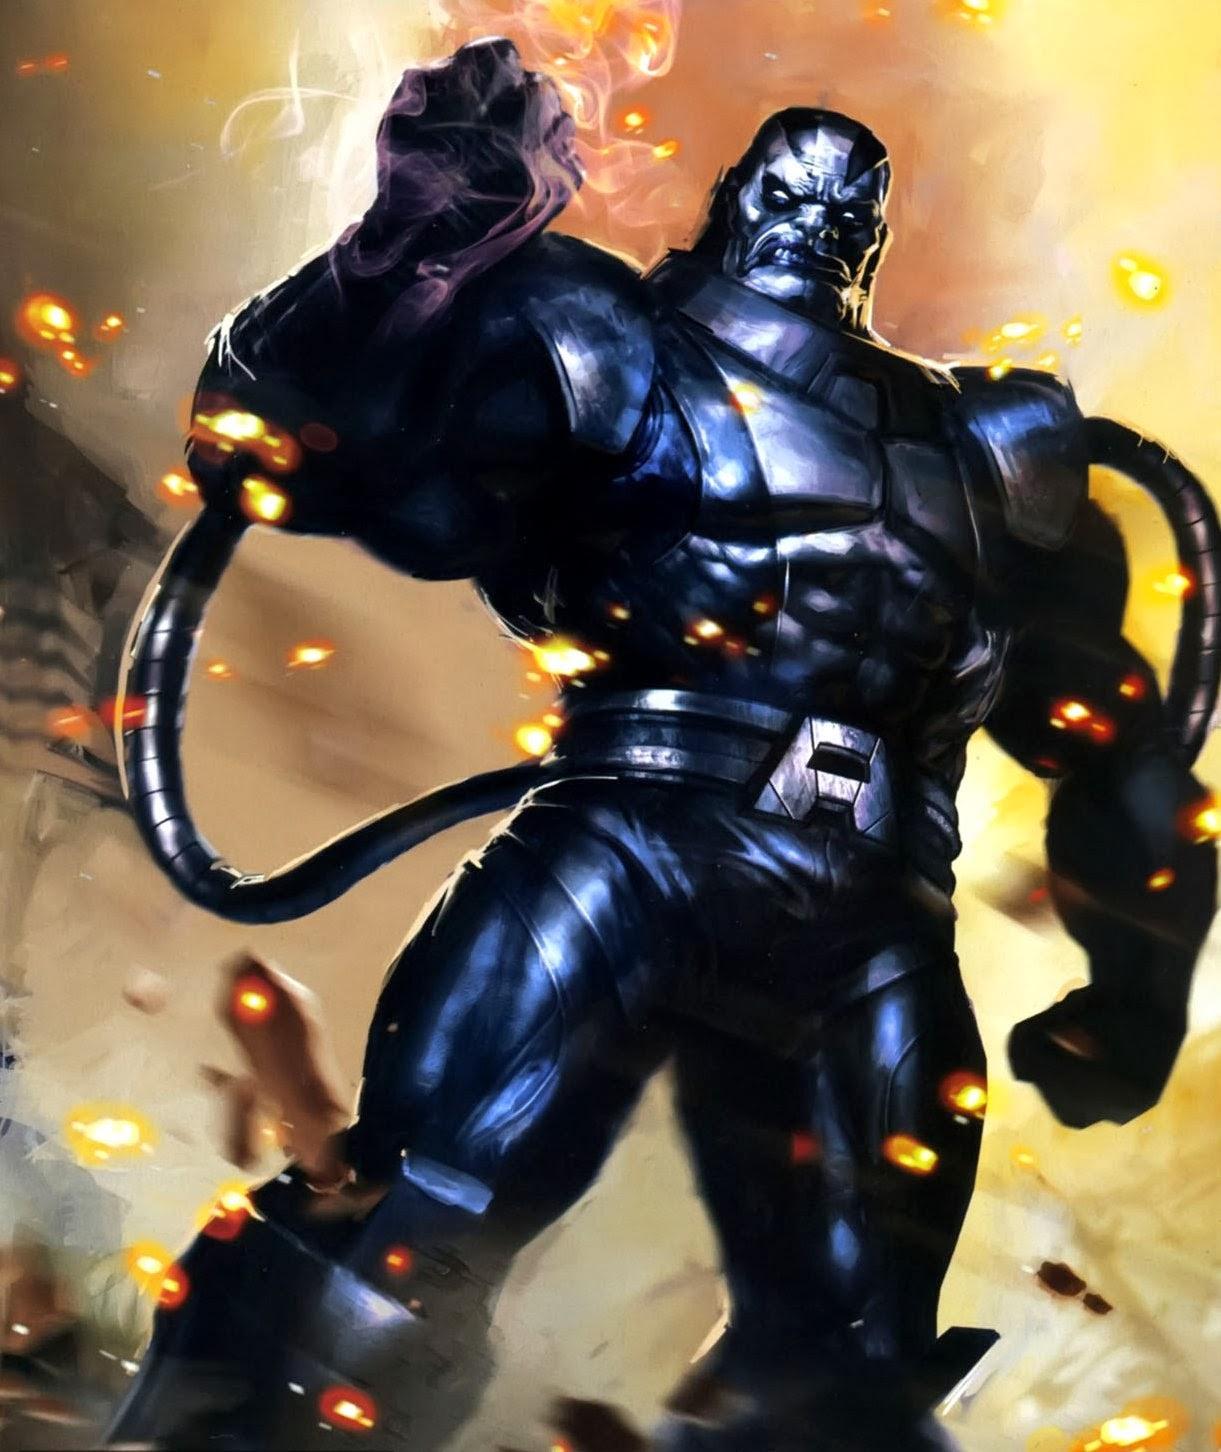 X-Men: Apocalypse (27-05-2016)